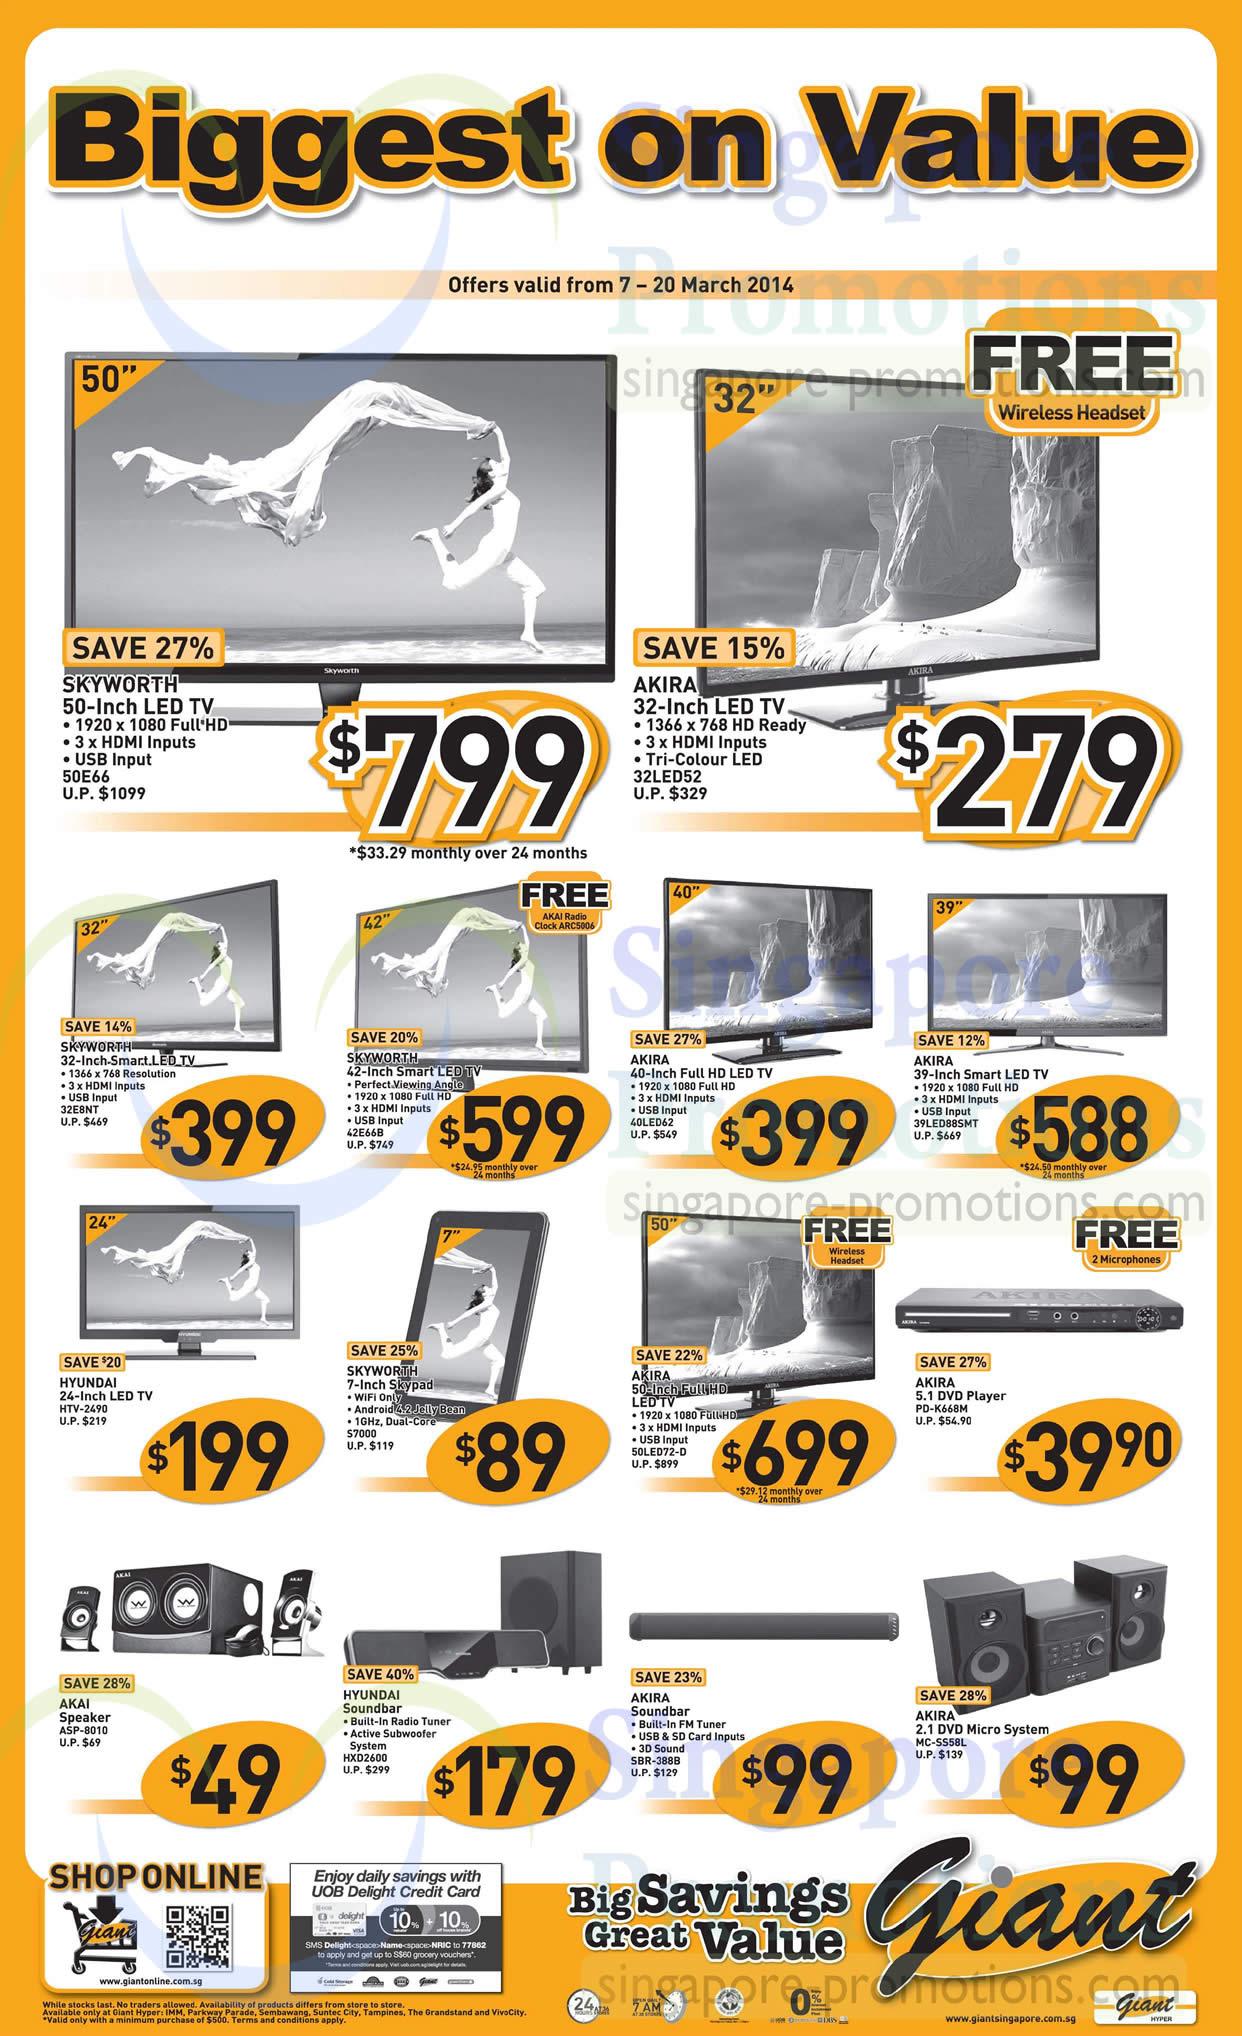 Skyworth 50E66 TV, Akira 32LED52 TV, Akira 39LED88SMT TV, Akira 40LED62, Skyworth 42E66B TV, Skyworth 32E8NT TV, Hyundai HTV-2490 TV, Skyworth S7000 TV, Akira 50LED72D TV, Akira PD-K668M DVD Player, Akira MC-SS58L Hifi System, Akira SBR-388B Soundbar, Hyundai HXD2600 Soundbar, AKAI ASP-8010 Speaker